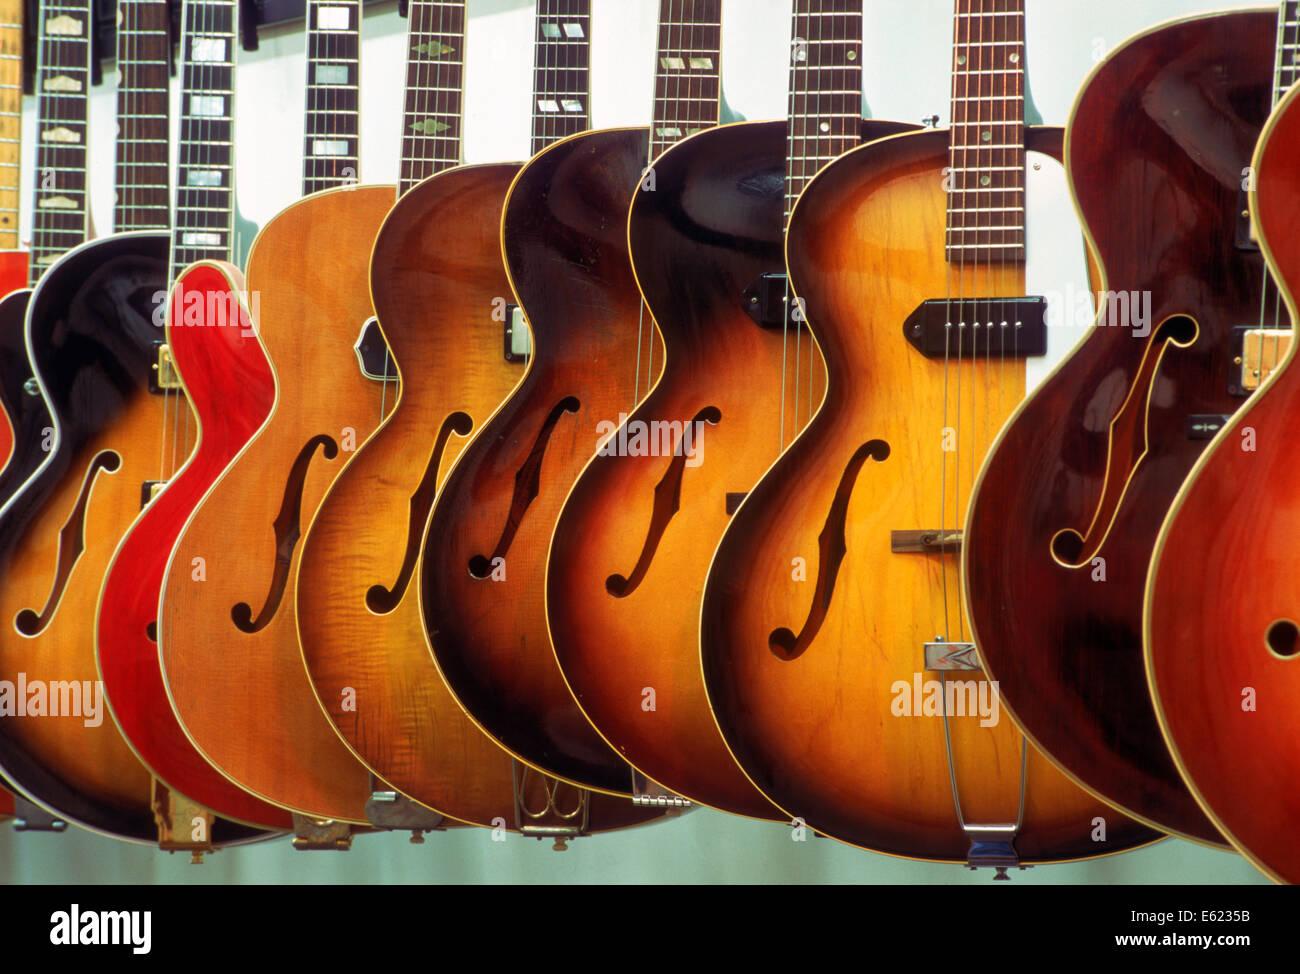 Made in America. Chitarre Grunn shop in Nashville Tennessee la vendita di strumenti musicali Immagini Stock